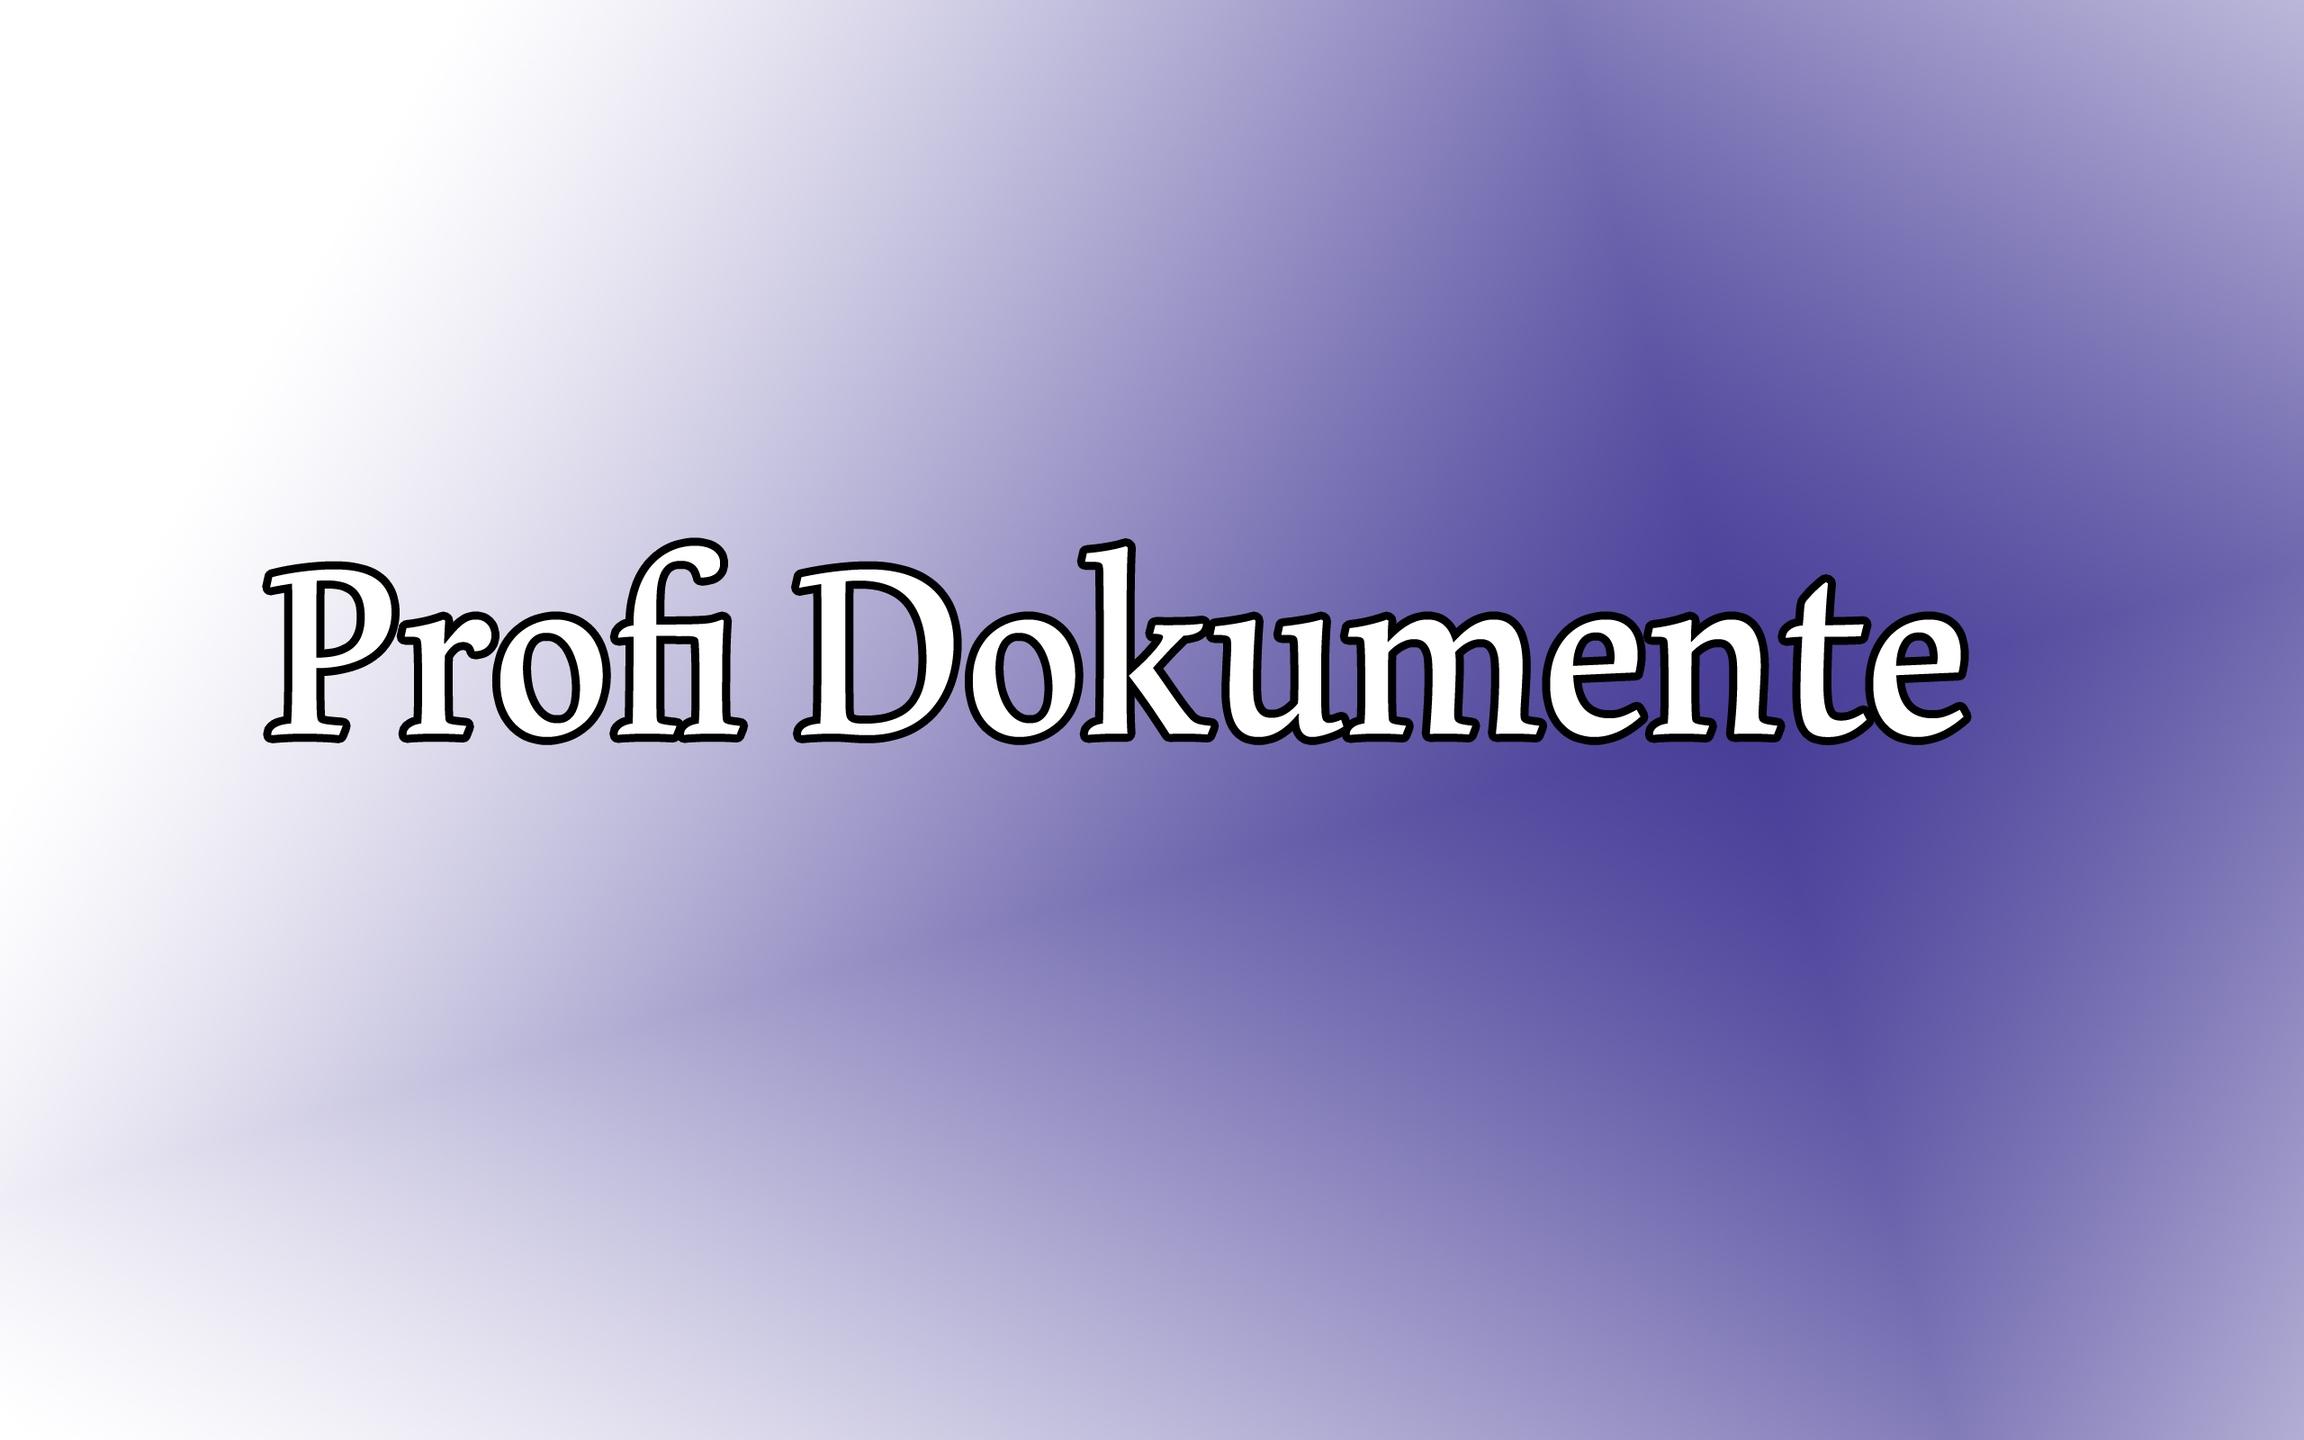 Profi Dokumente (@profidokumente) Cover Image